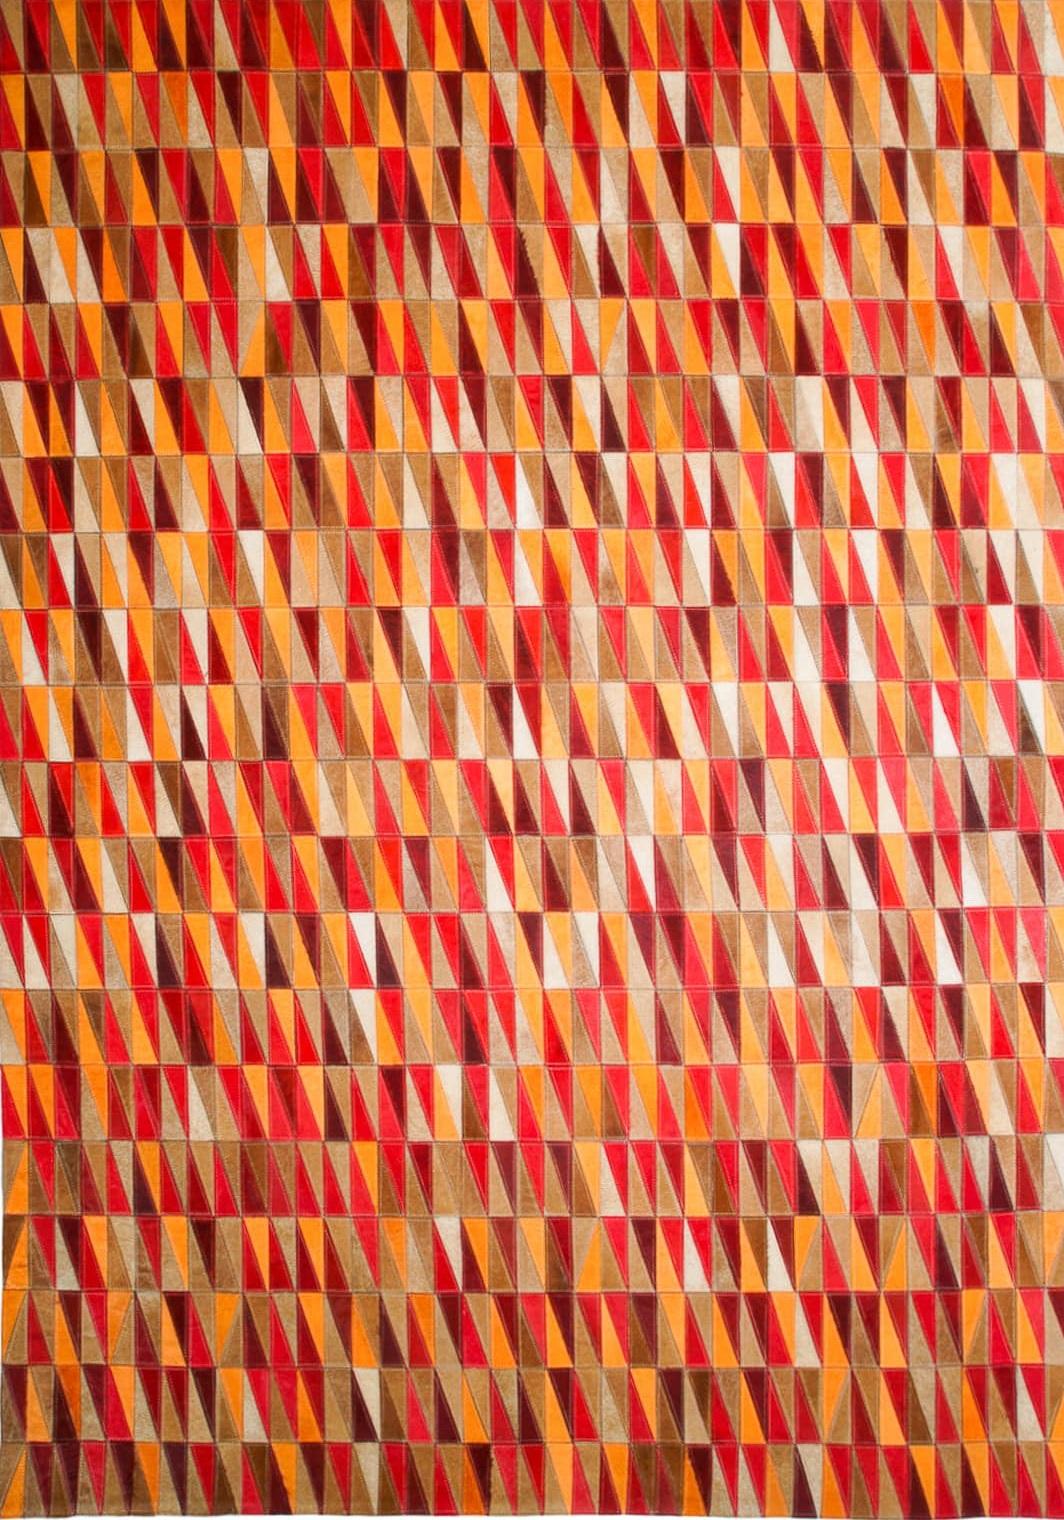 Vibrant Red Orange Tan Triangle Hide